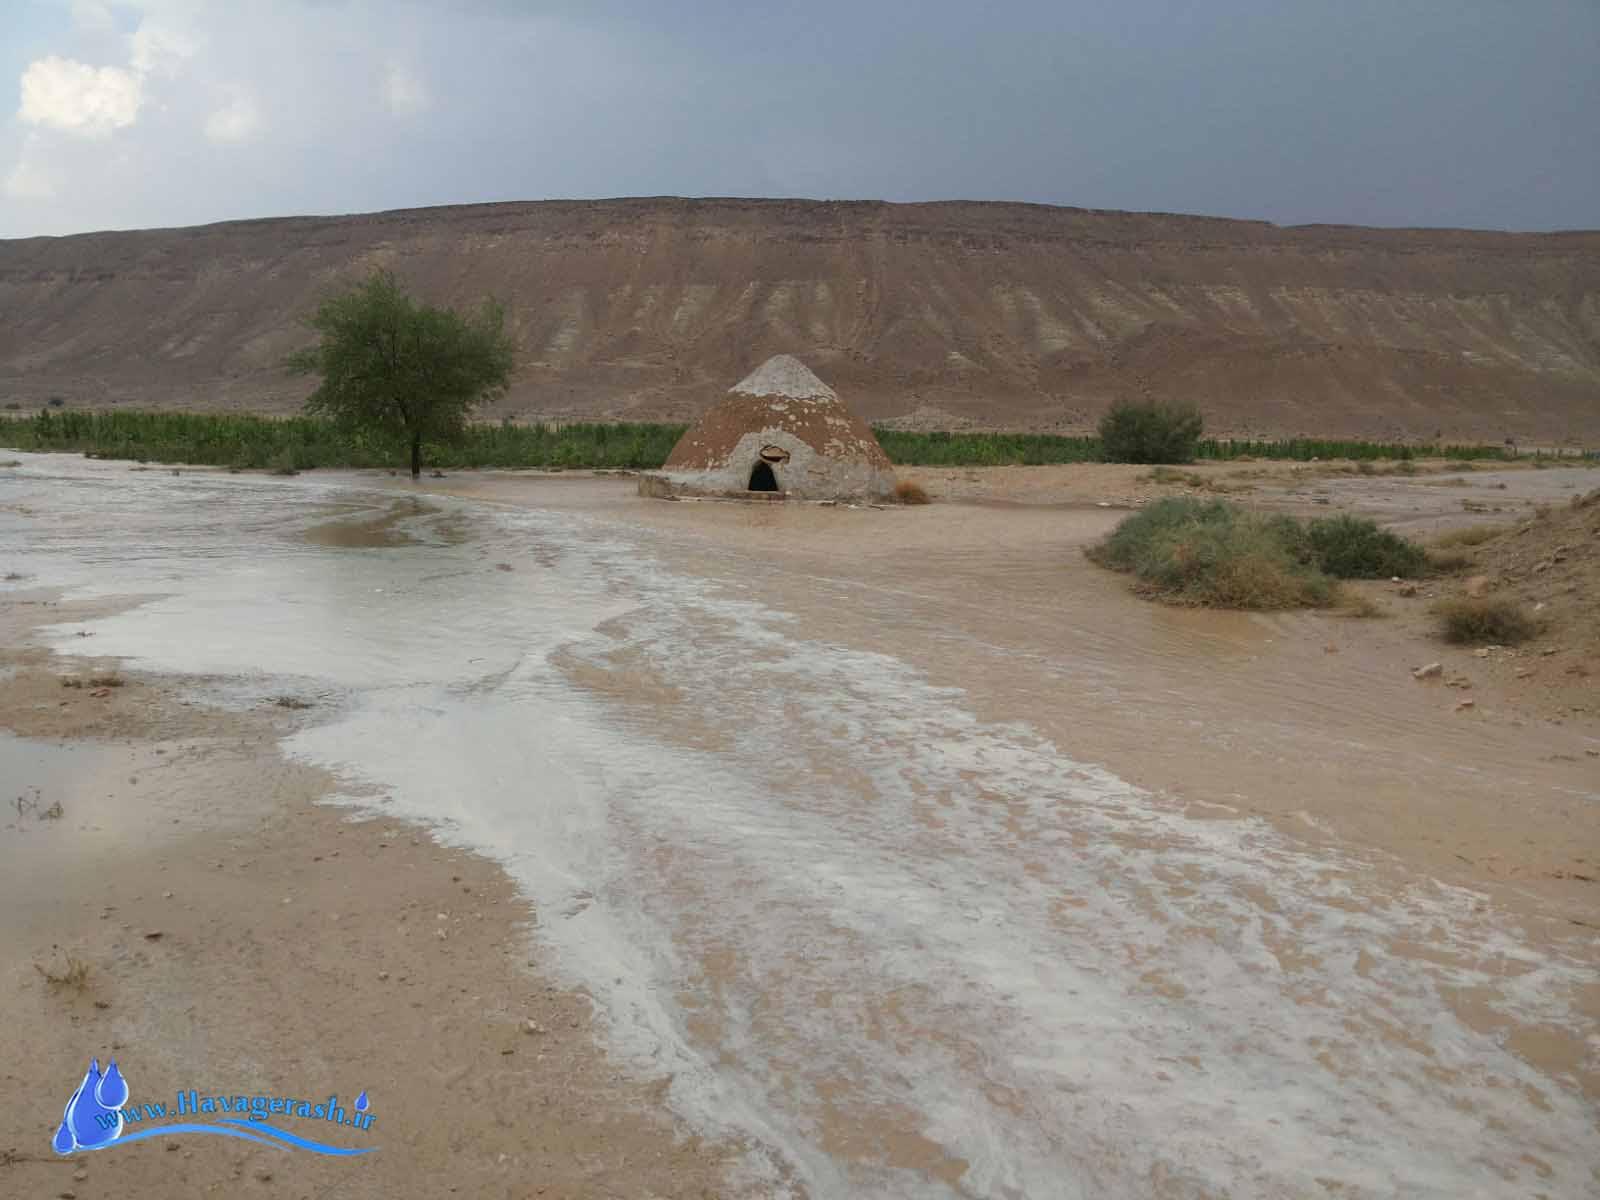 گزارش تصویری از بارش شهرستان گراش